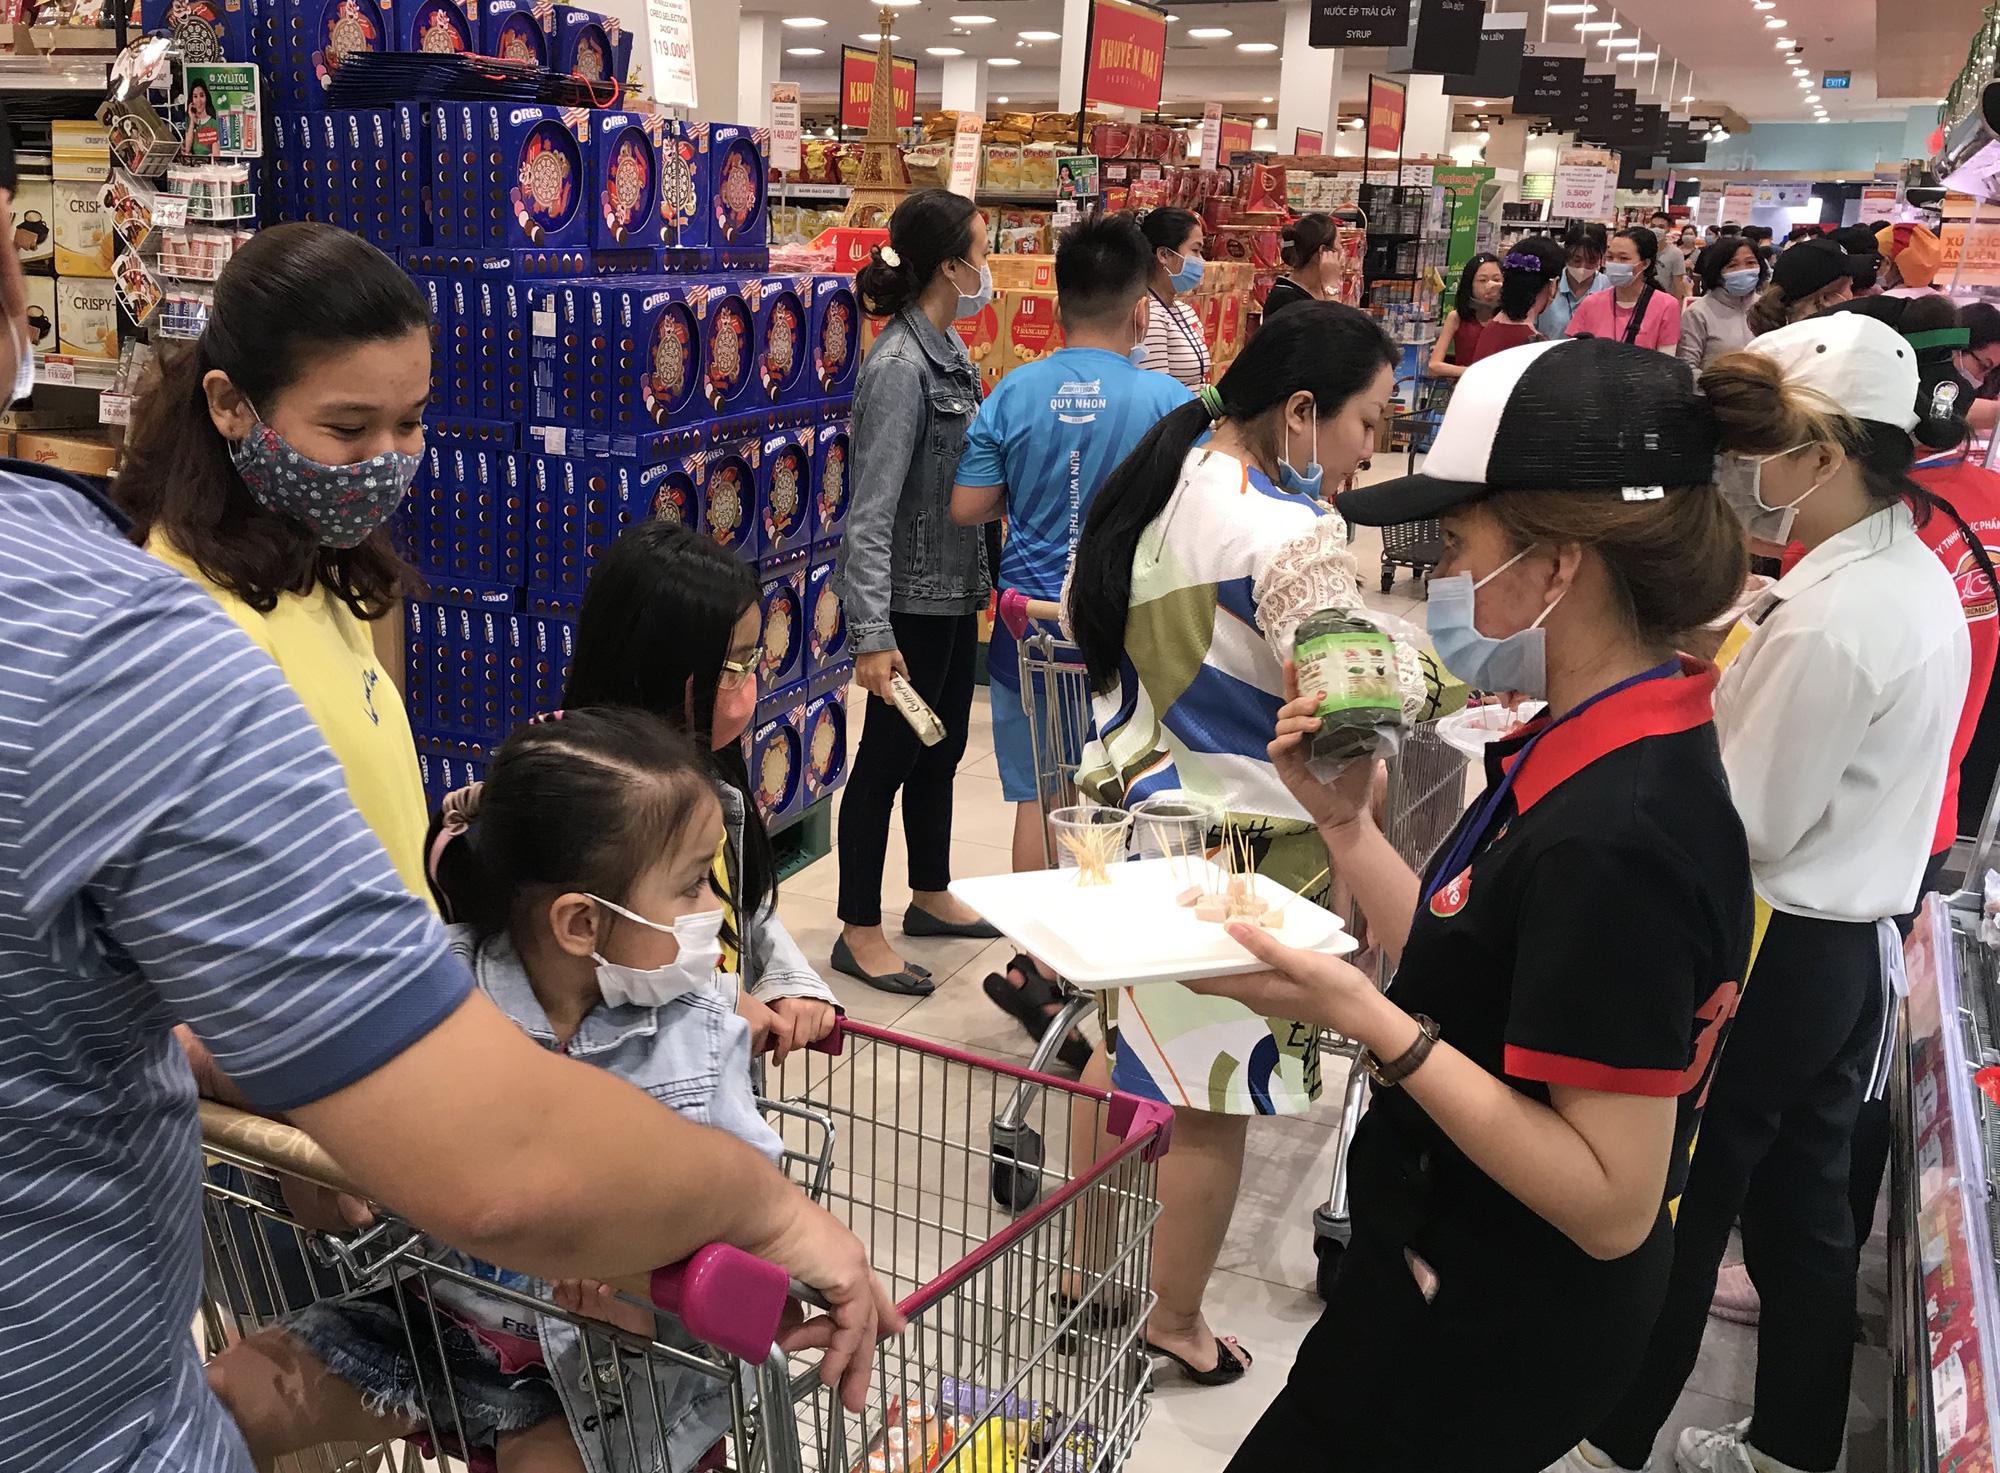 Hàng Tết đầy siêu thị, người dân mua sắm sớm - Ảnh 3.